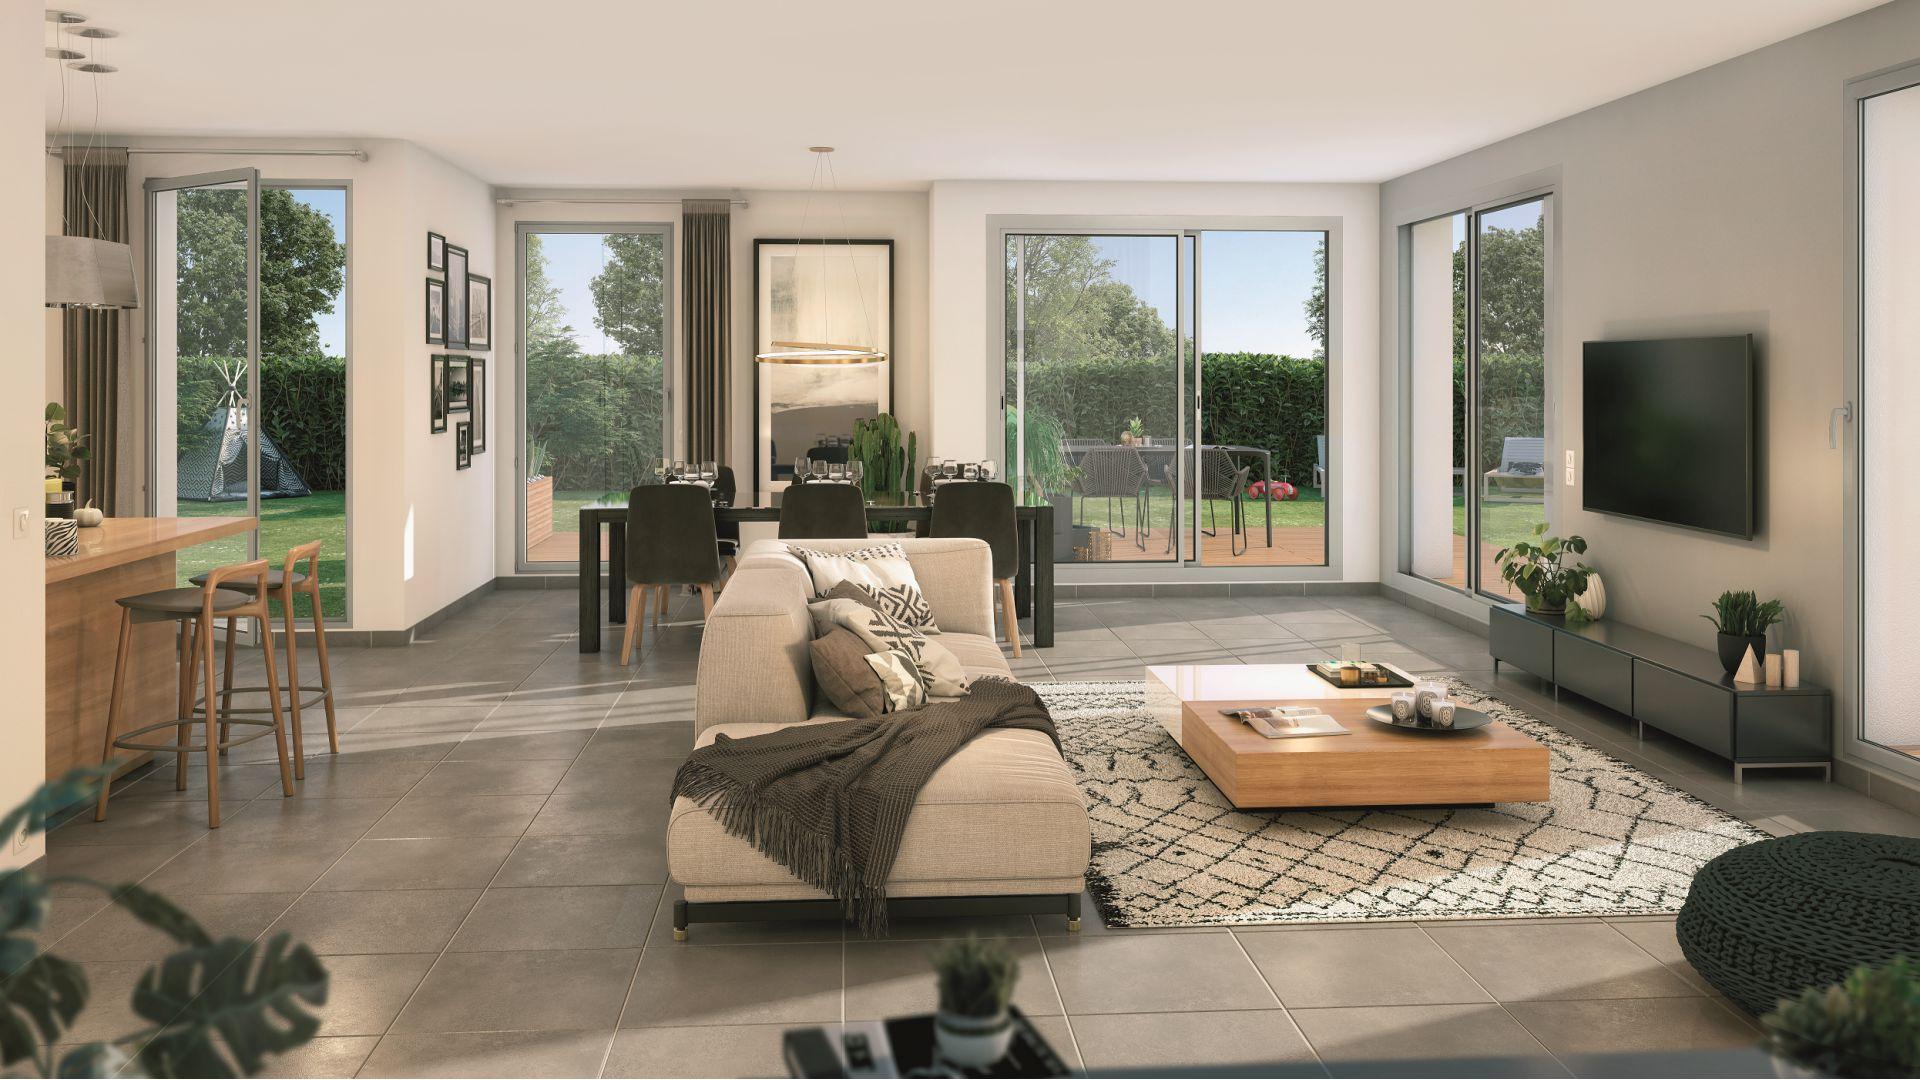 Greencity Immobilier - Villas Valéria - 31320 Auzeville - Villas neuves T6 - appartements neufs T2-T3 - intérieur villa 2 et 4